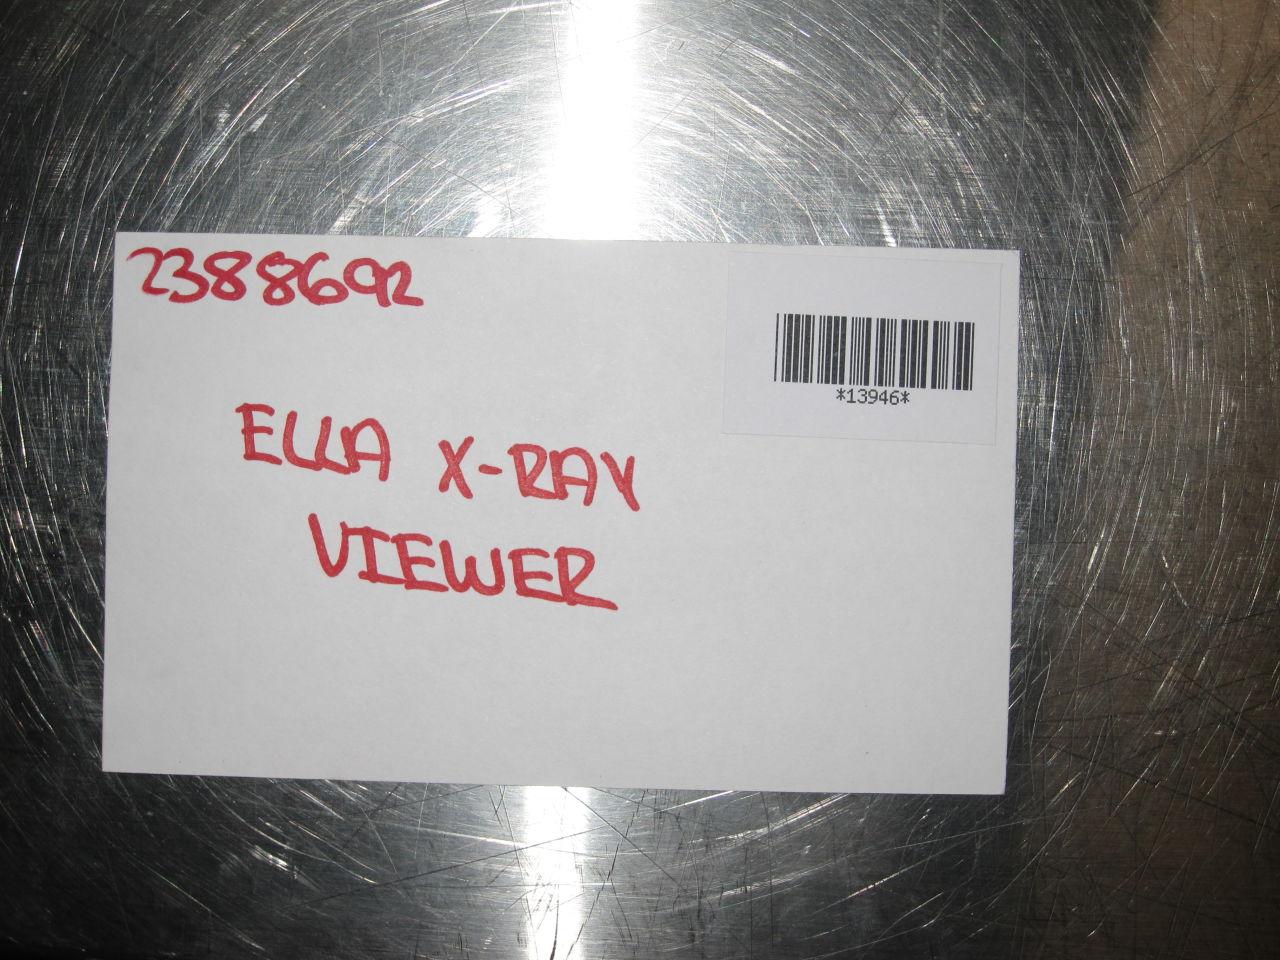 ELLA NJ55 Viewbox